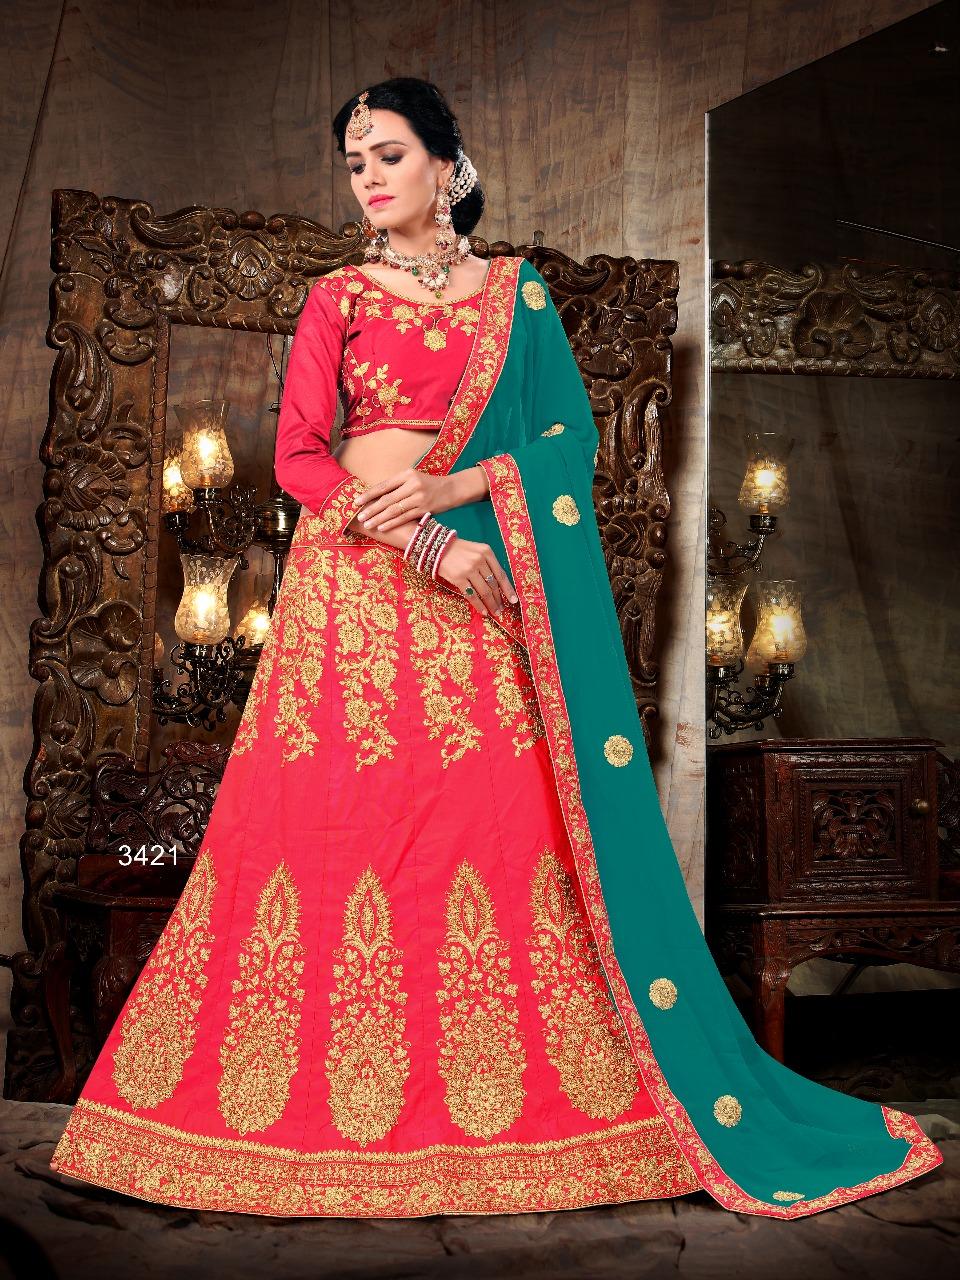 Sanskar Style Majestic 3421